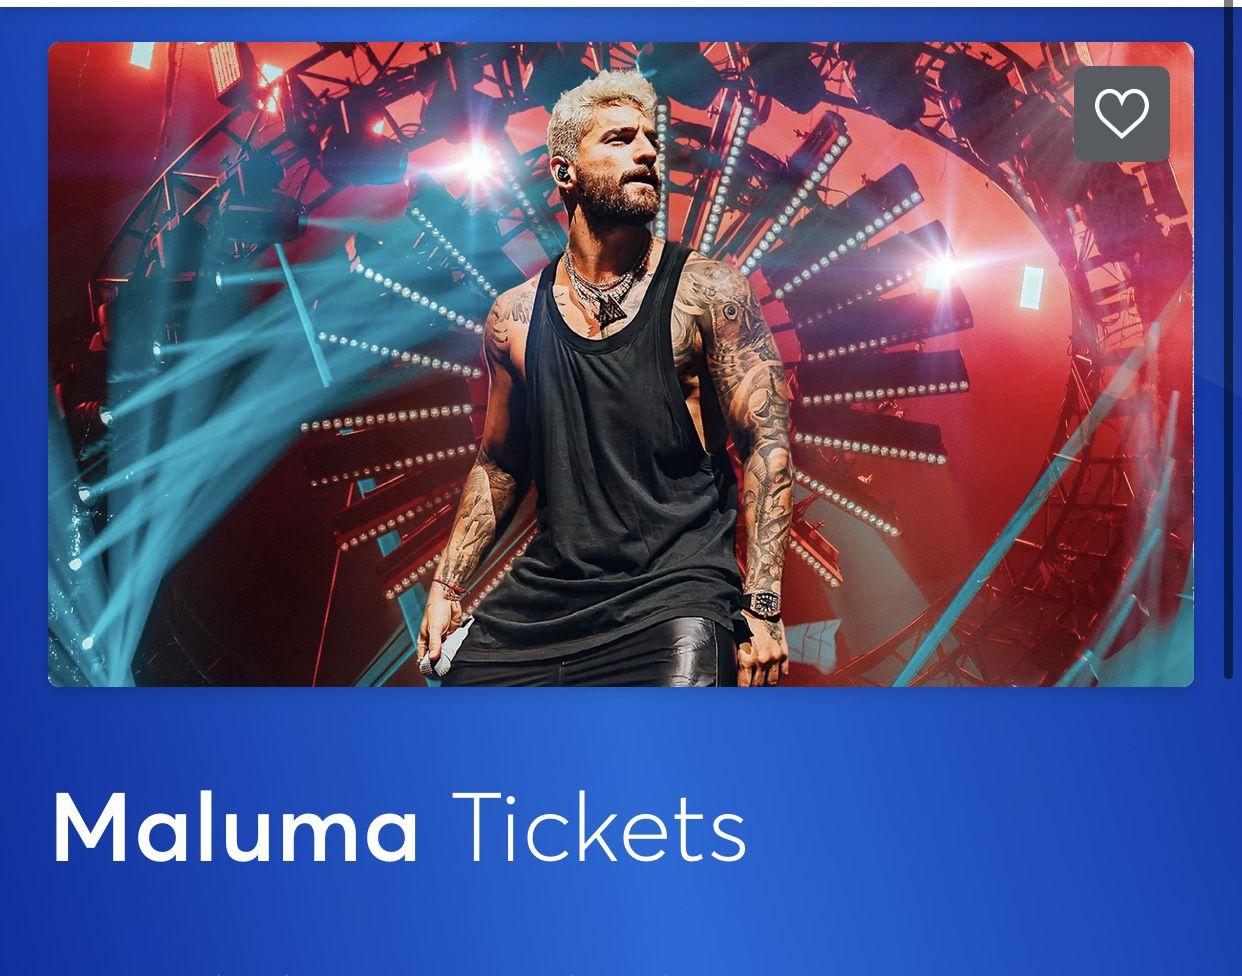 5 Maluma Tickets